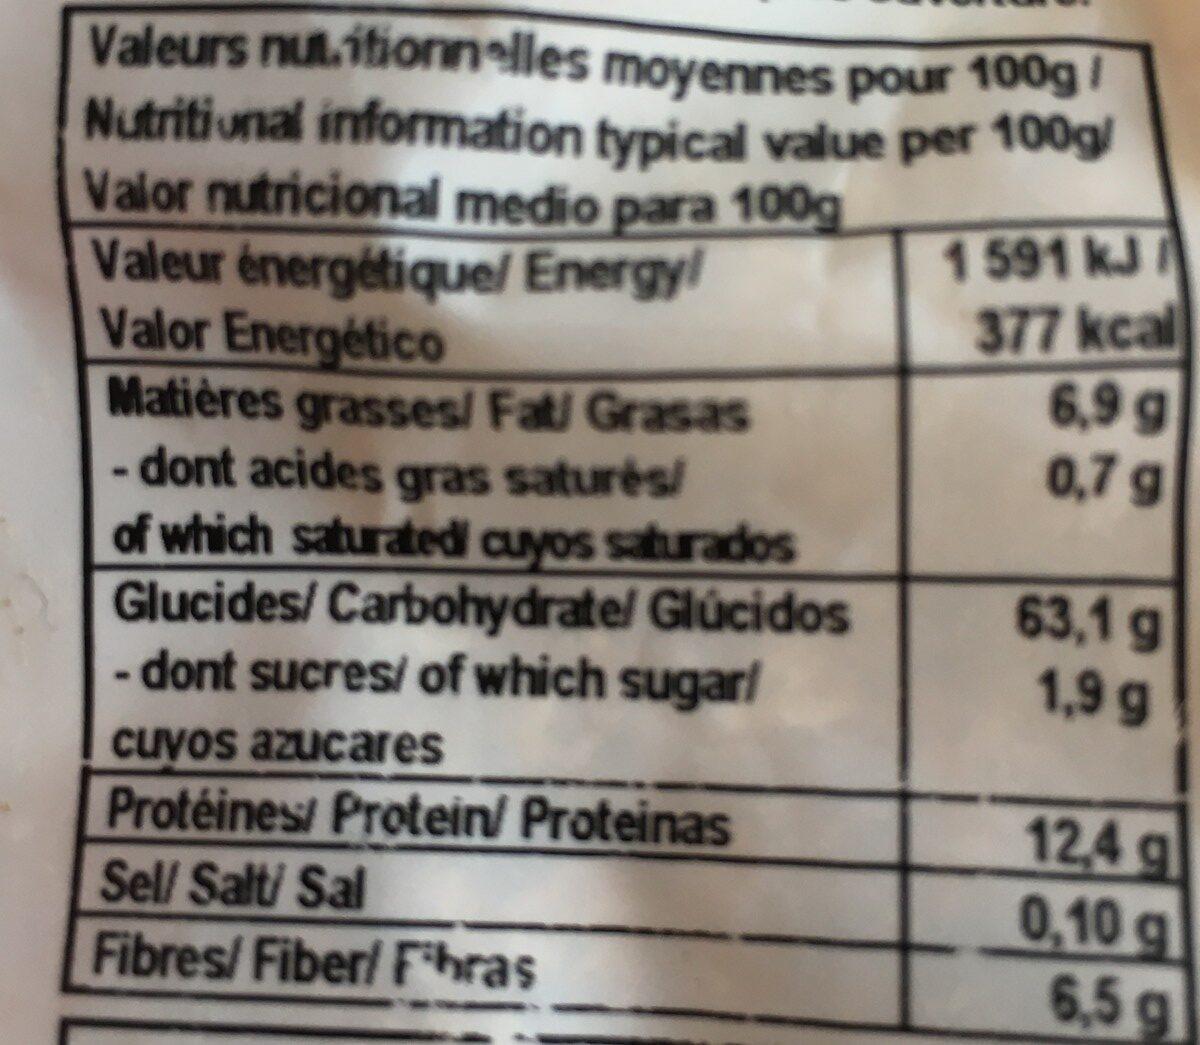 Flocons de Quinoa - Ingredients